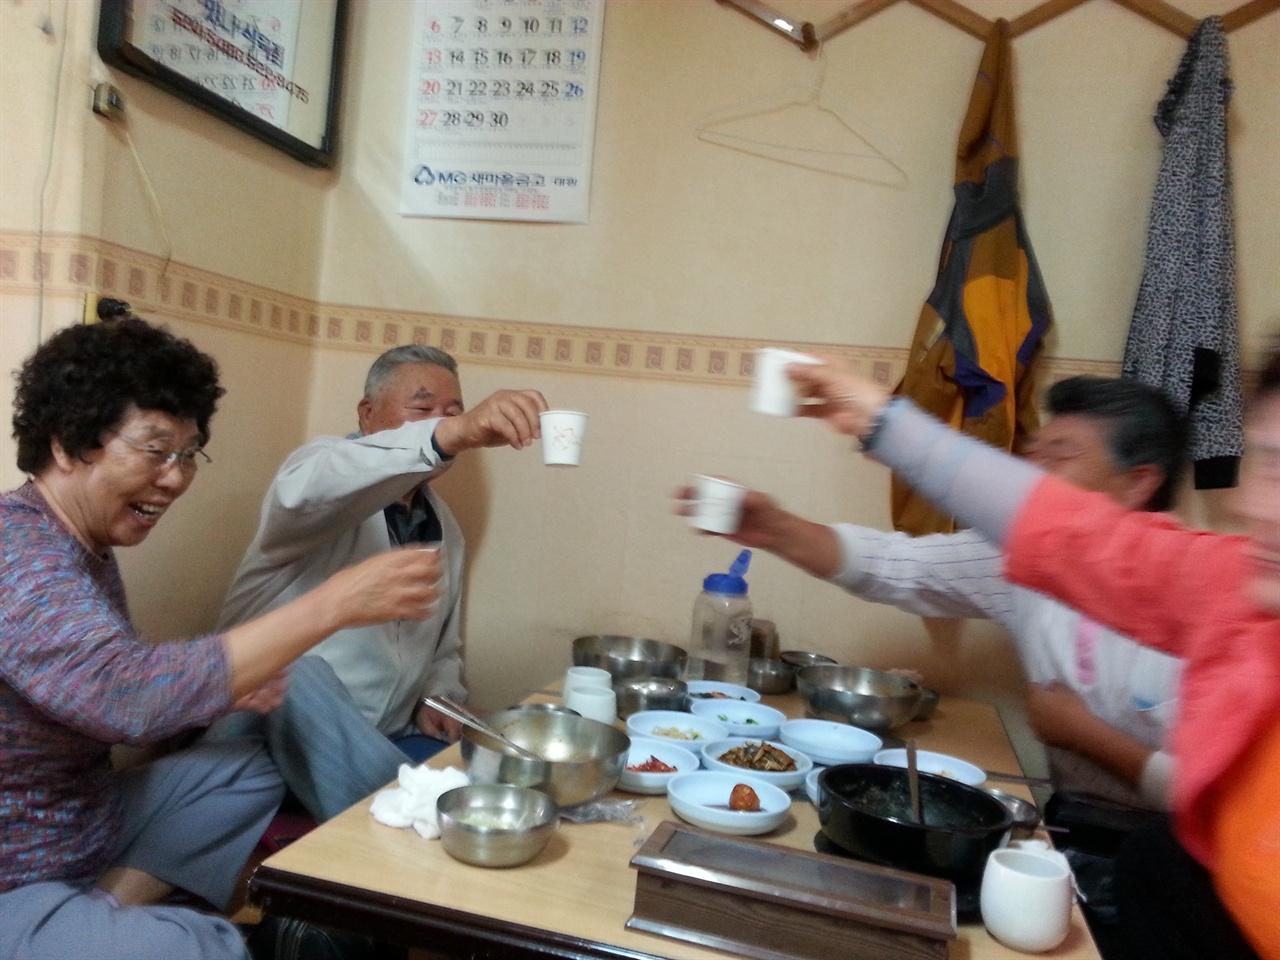 2014년 광주고등법원에서 무죄가 확정된 뒤 건배를 하는 가족들. 왼쪽이 부인 김인근, 그 옆이 김용담씨이다.